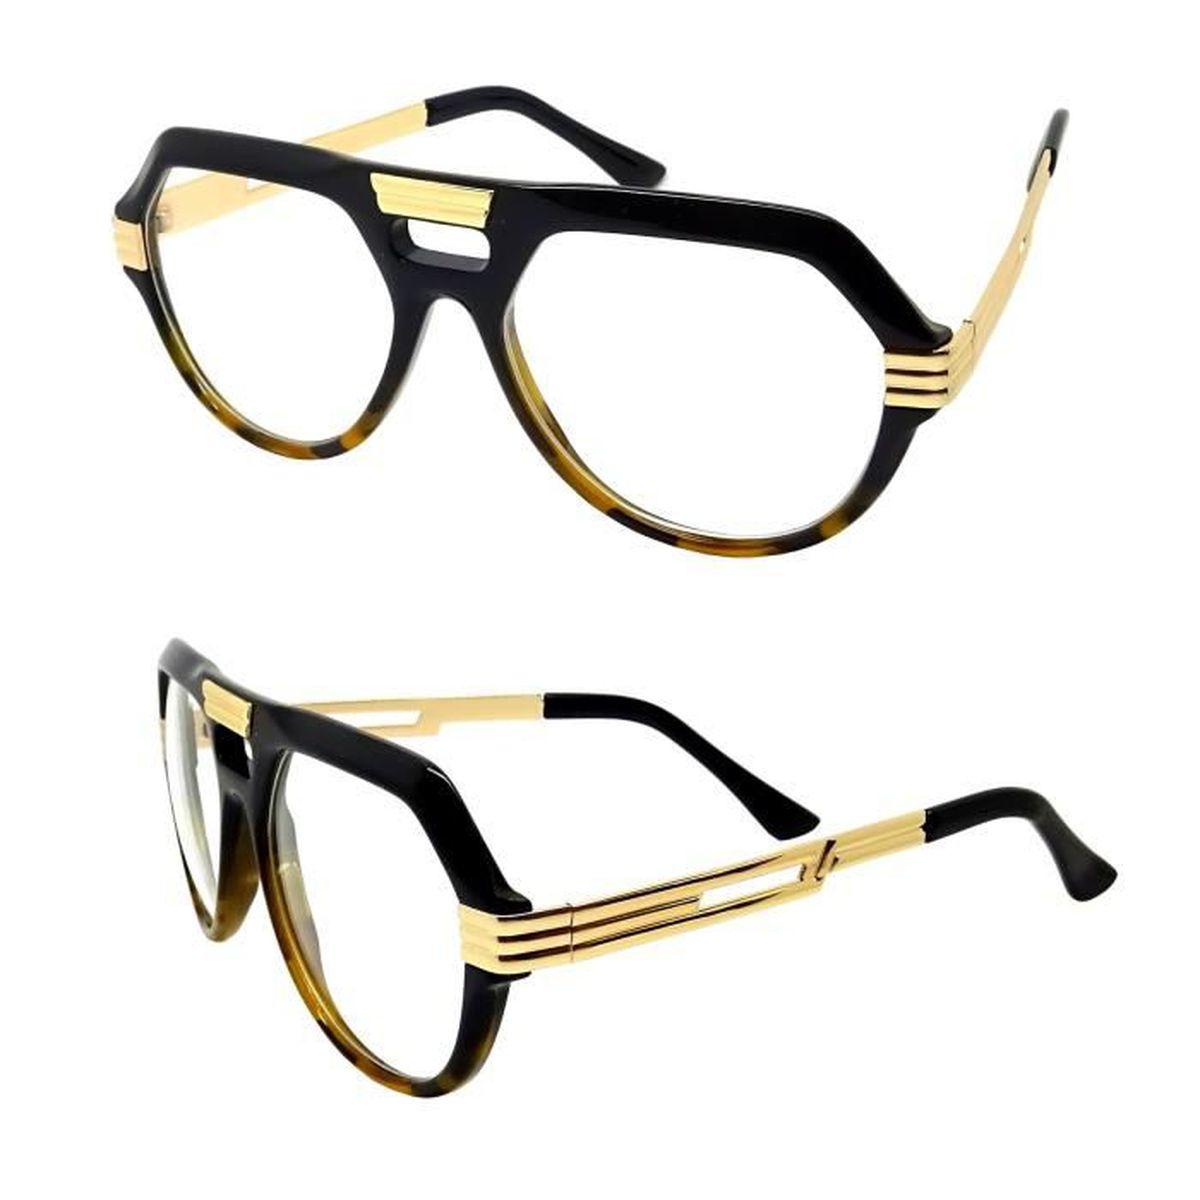 lunette homme verre transparent lunettes a verres transparents homme femme lunette aviateur pas cher. Black Bedroom Furniture Sets. Home Design Ideas